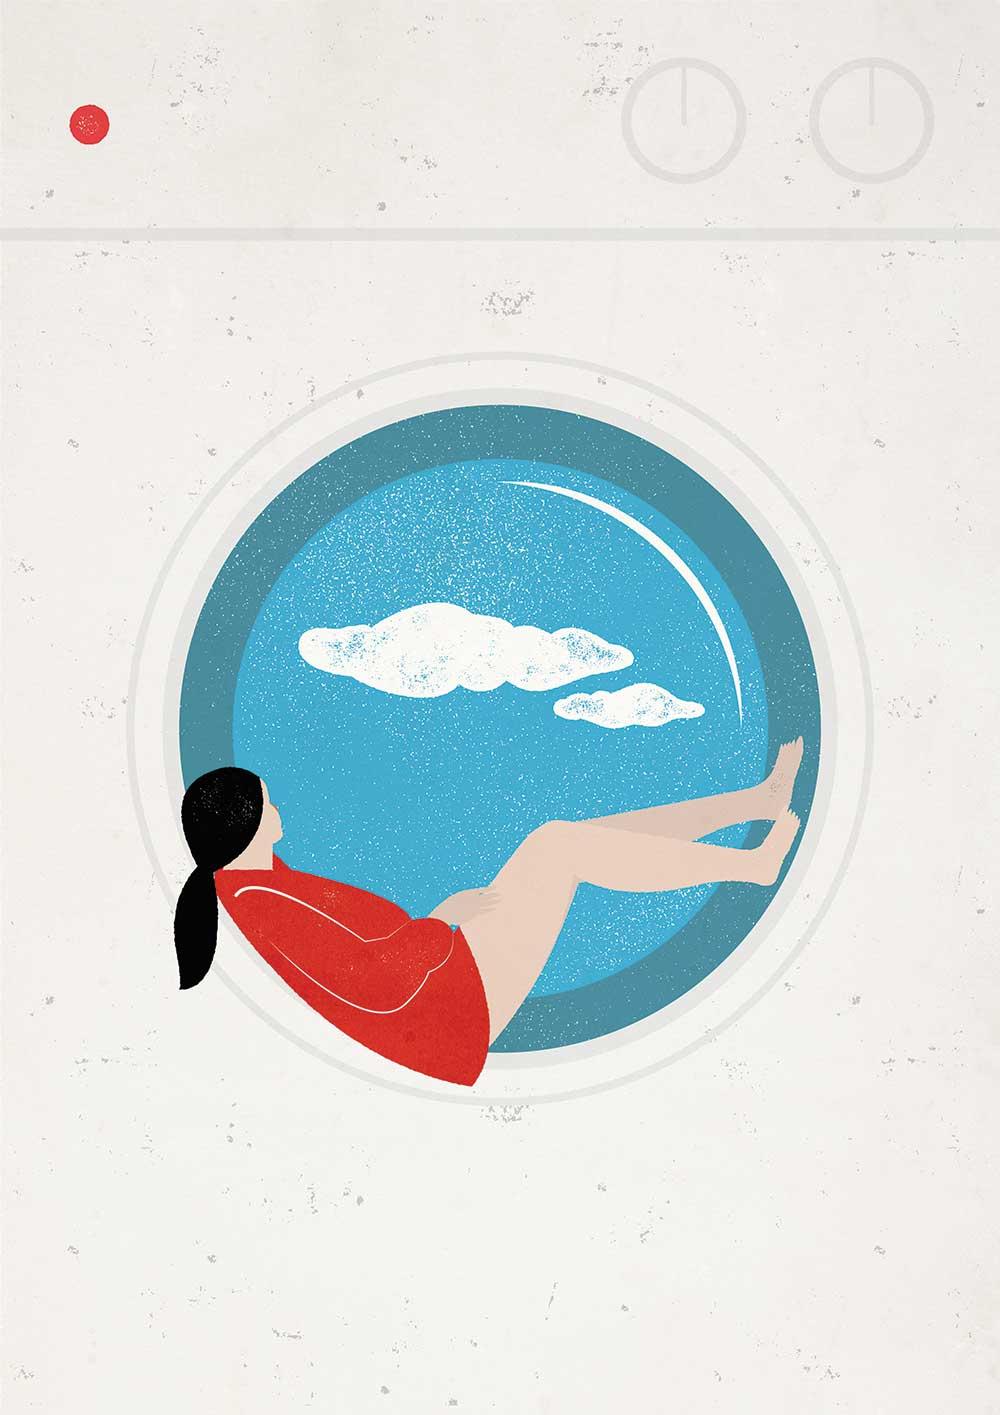 Le vivaci illustrazioni di Tiago Galo | Collater.al 8